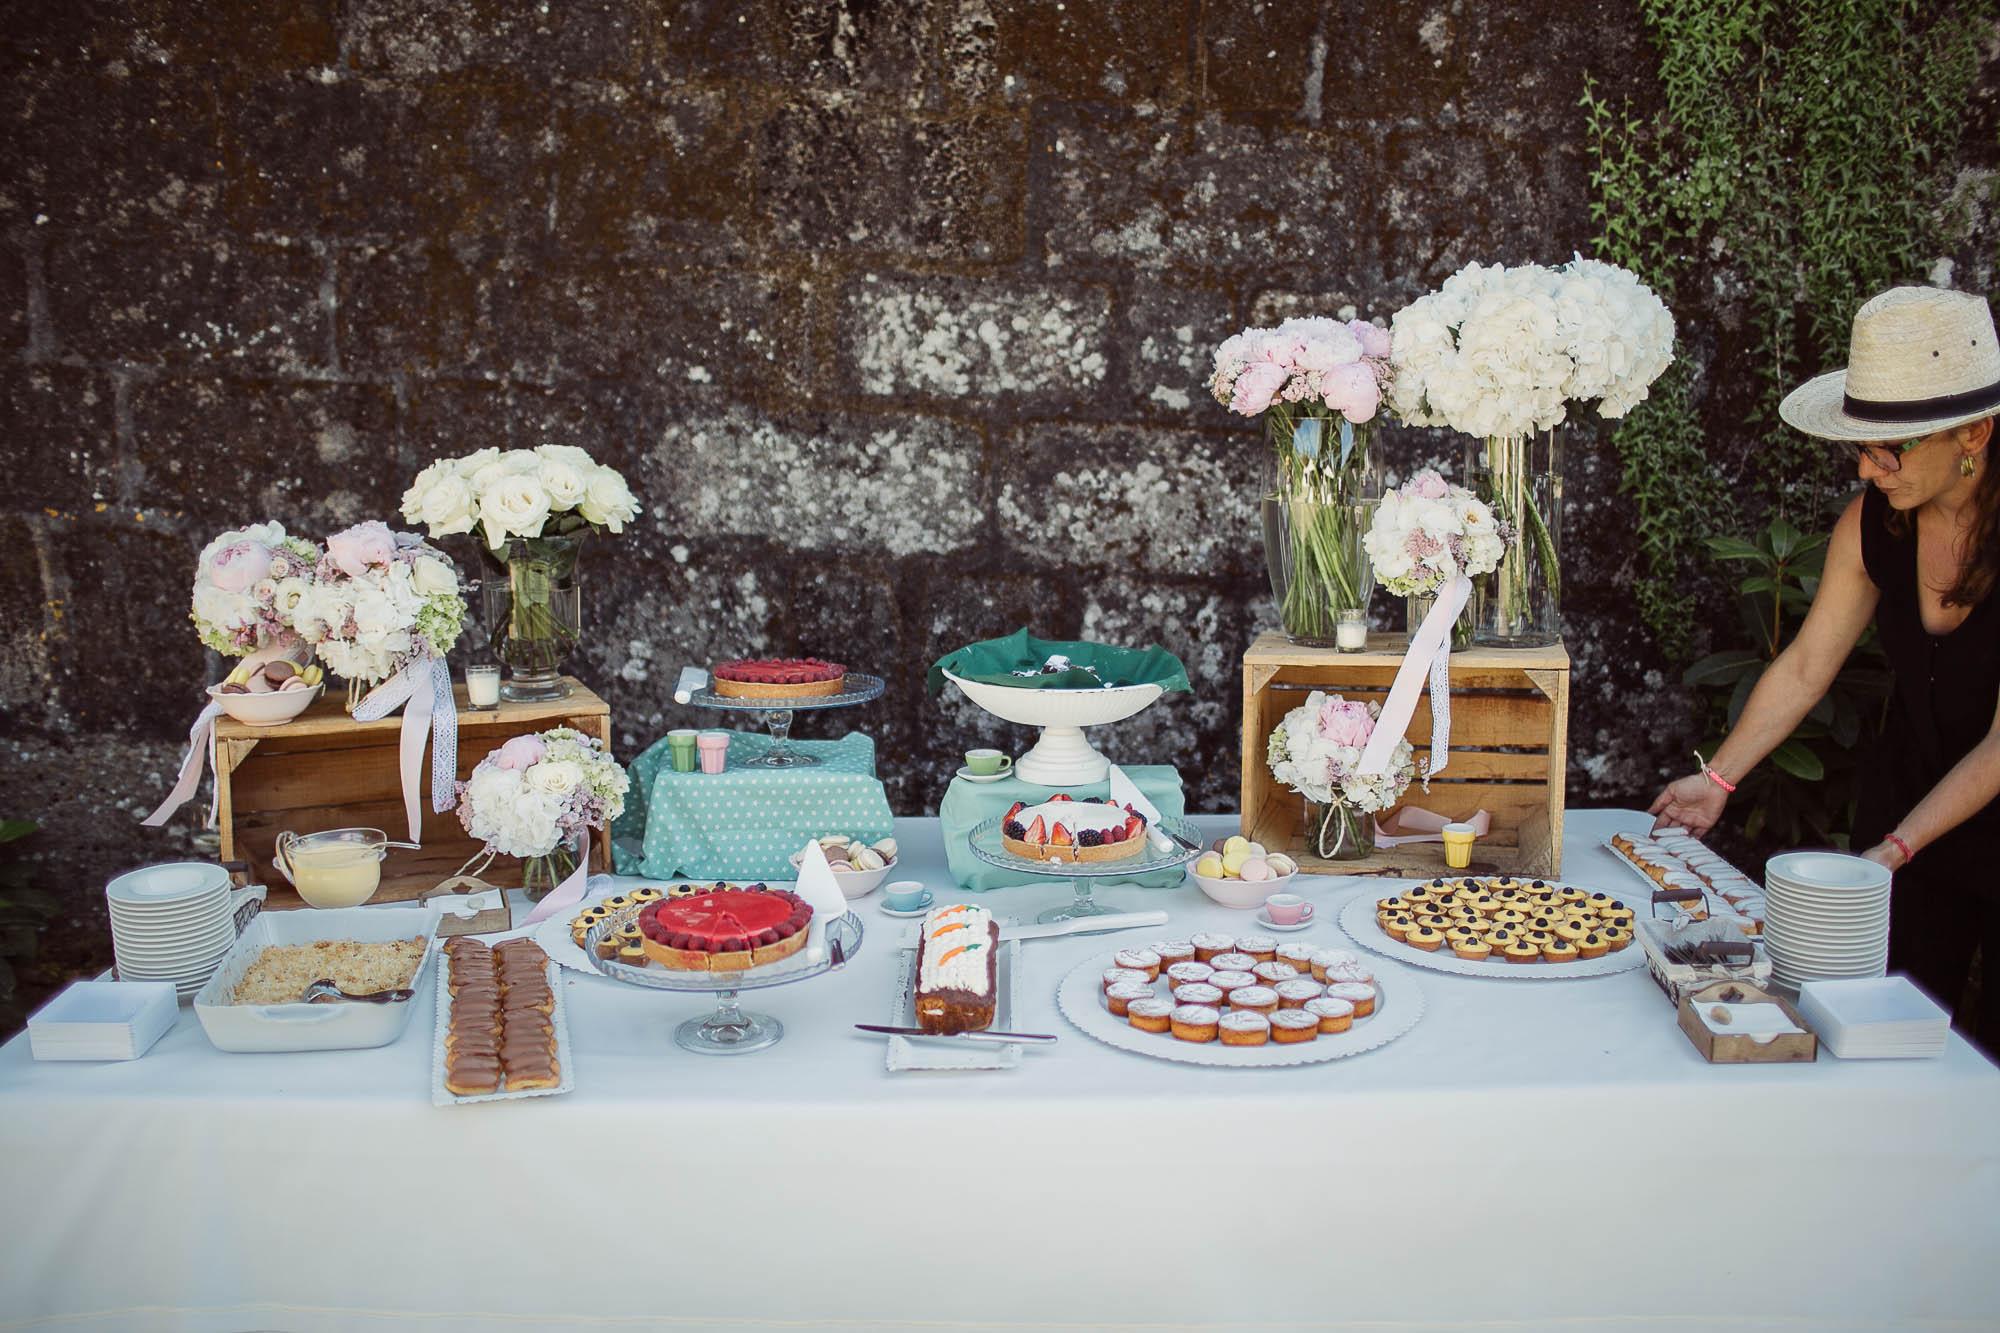 Catering de postres en una mesa con algunos arreglos florales